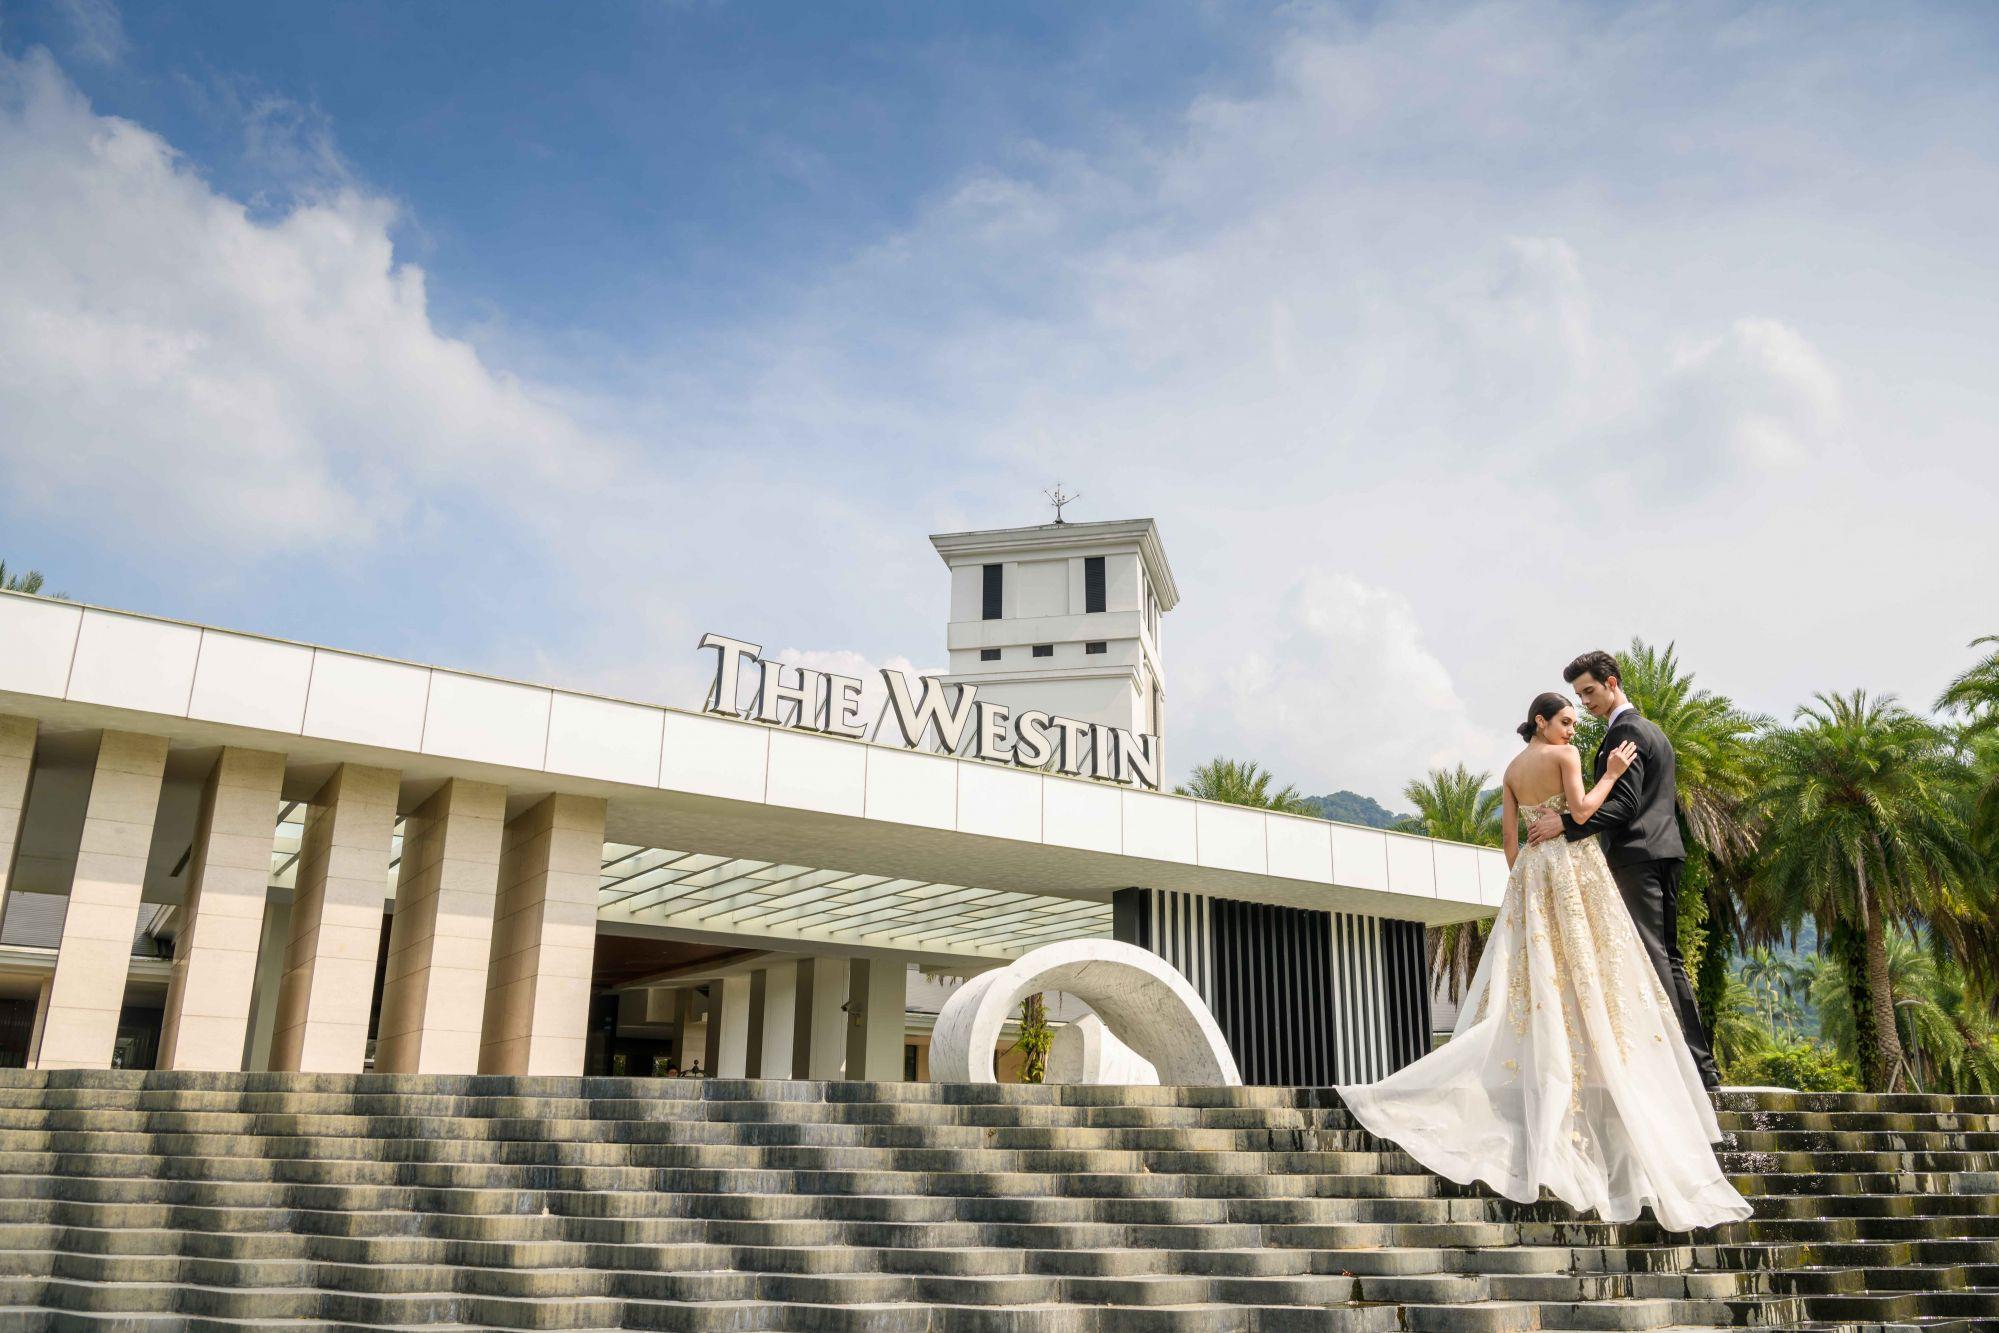 大溪威斯汀絕美戶外證婚教堂,締造國際度假婚禮秘境